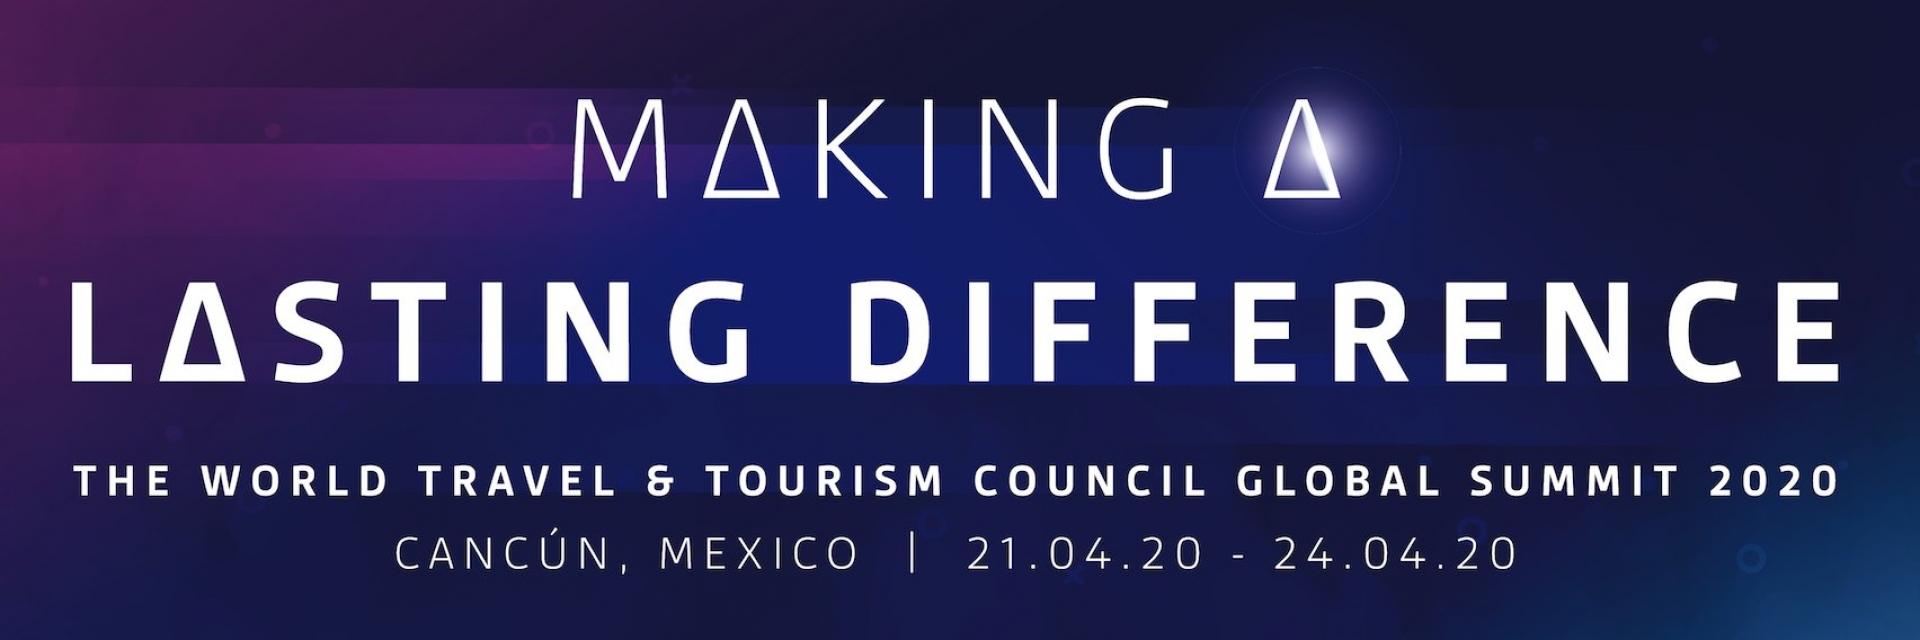 Cumbre mundial del WTTC 2020